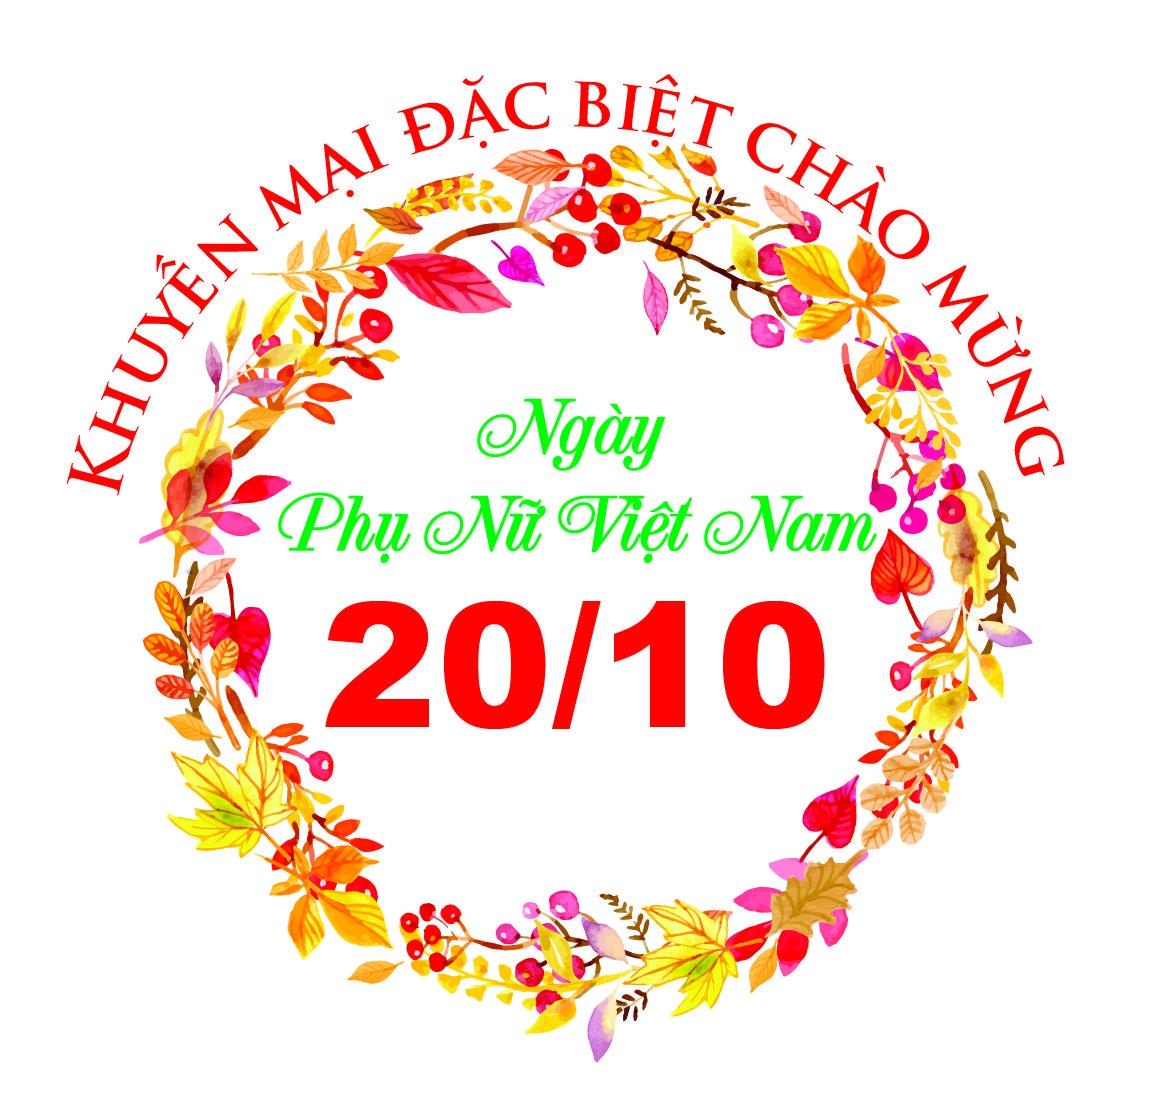 KHUYEN MAI DAC BIET CHAO MUNG 20/10